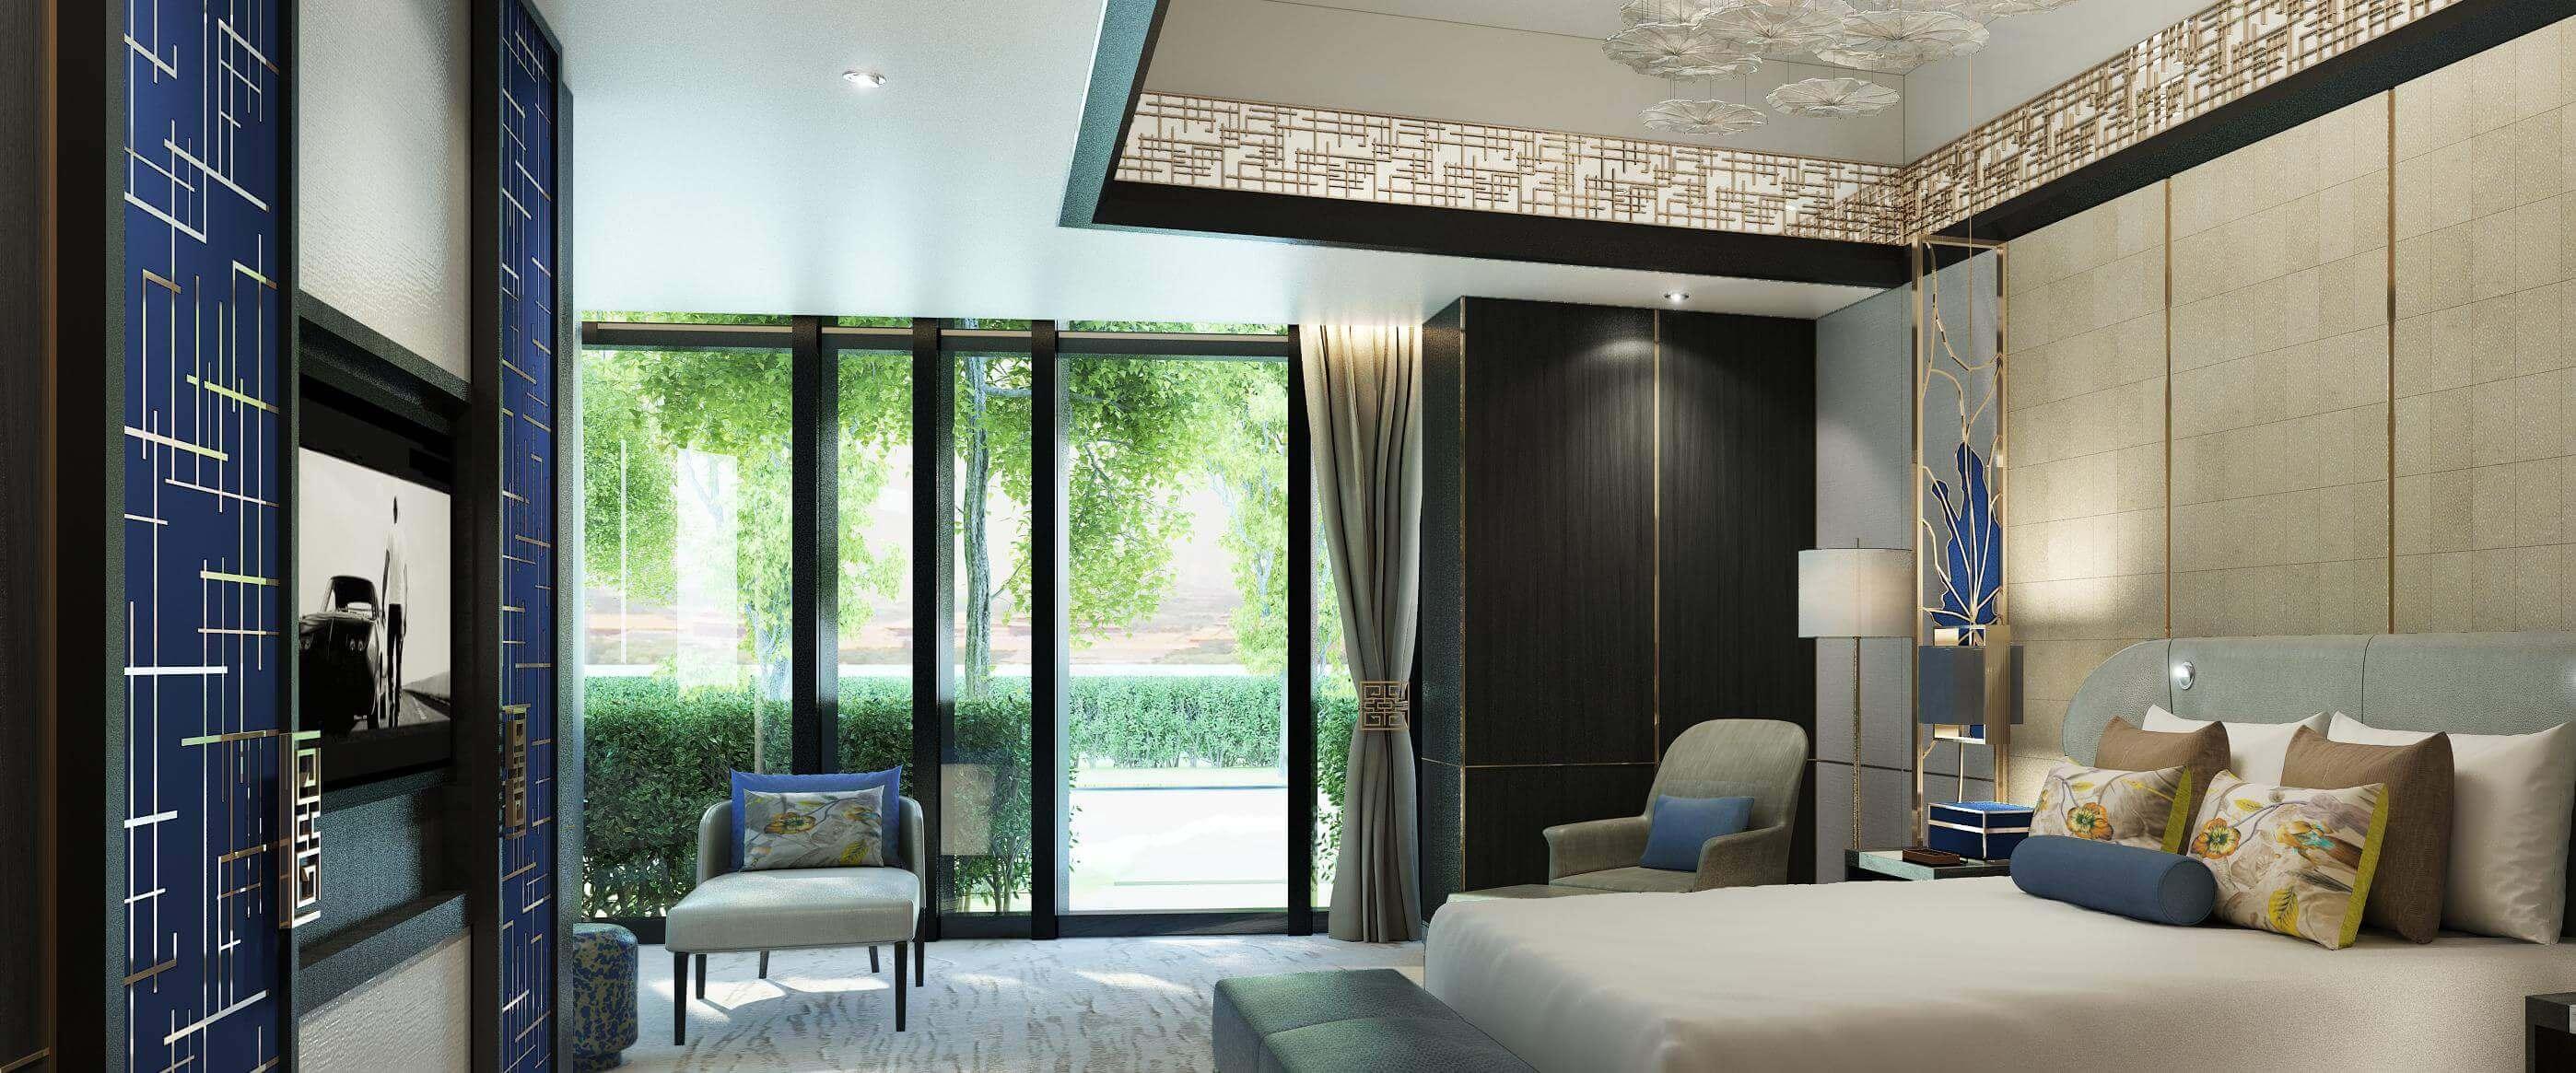 wangfujing-suite-bedroom